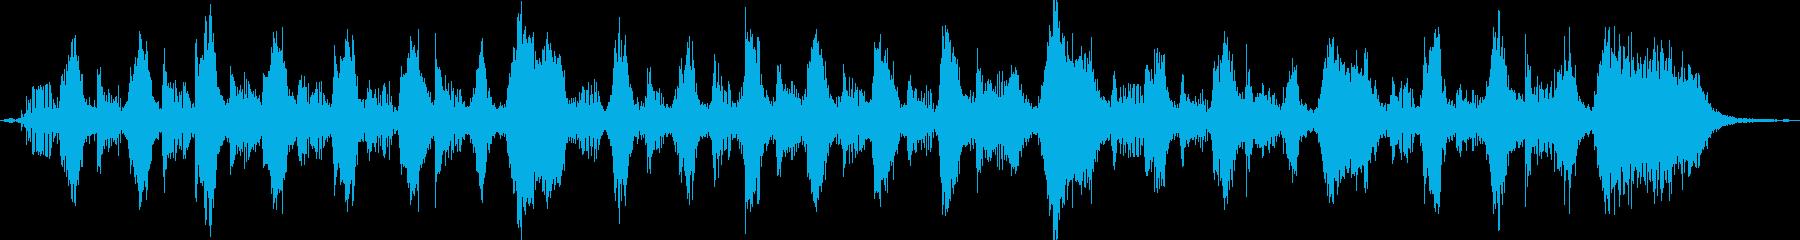 から騒ぎのようなジングルの再生済みの波形